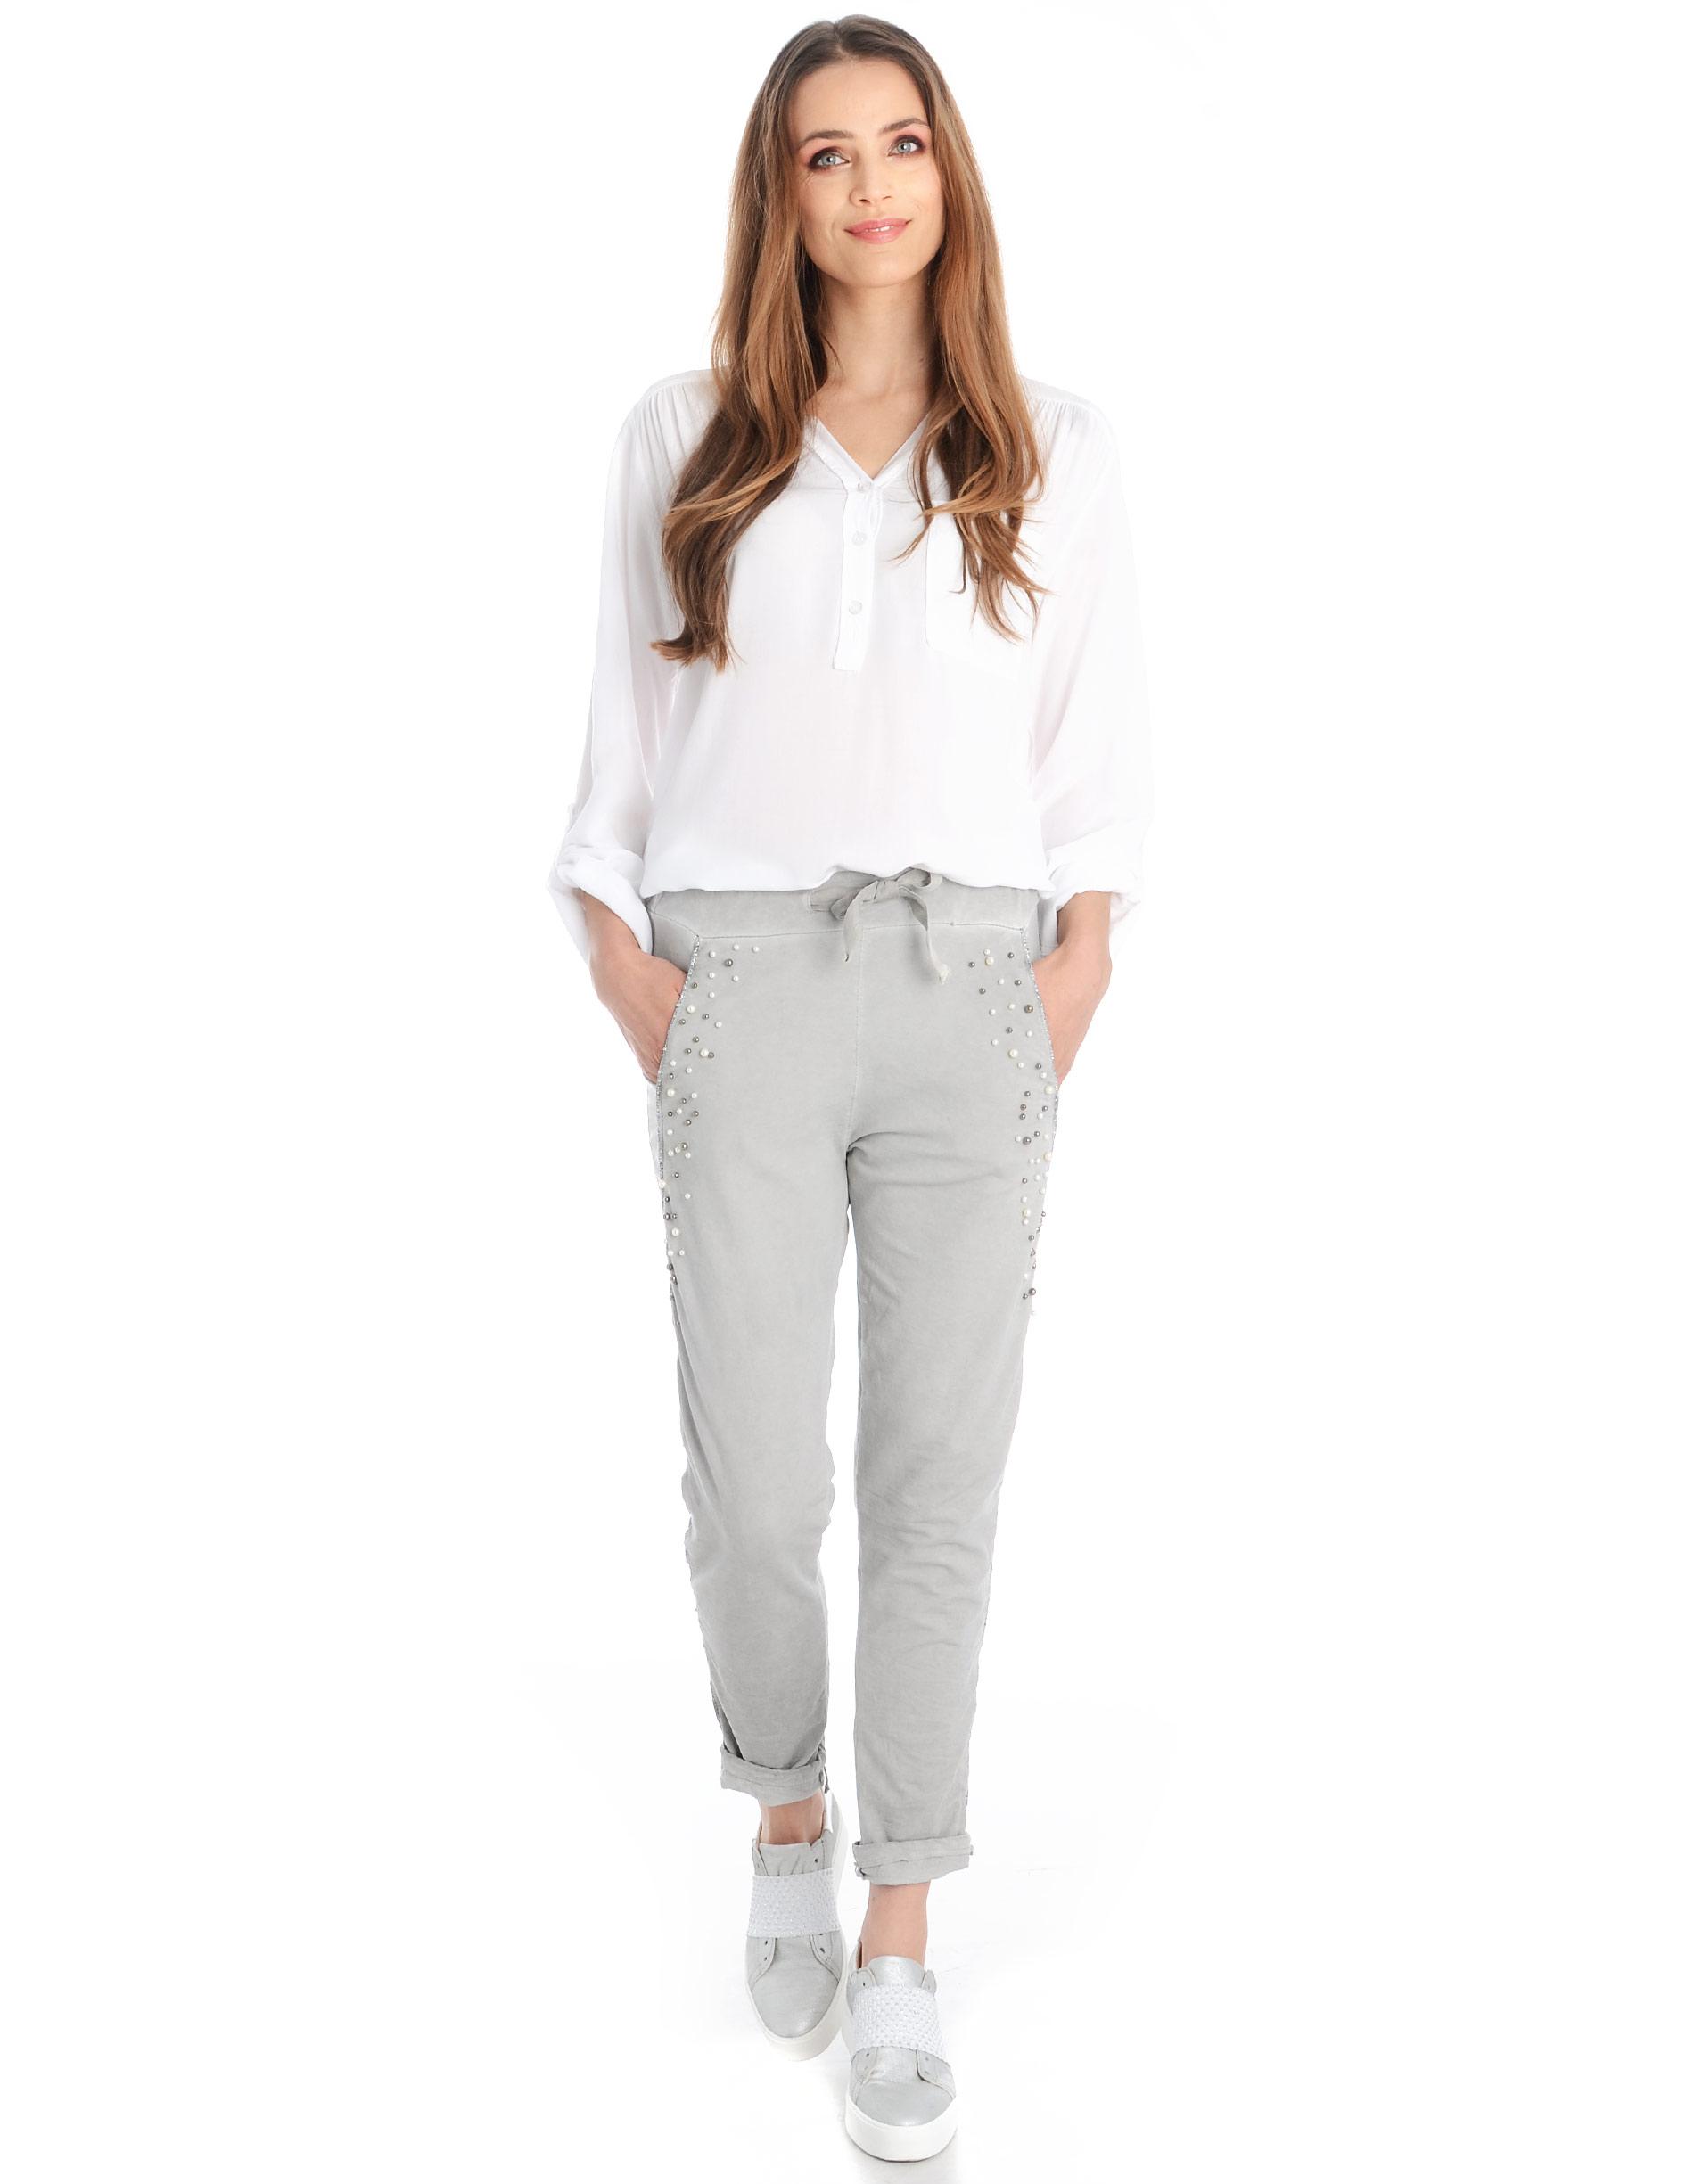 Spodnie - 104-7057 PERL - Unisono